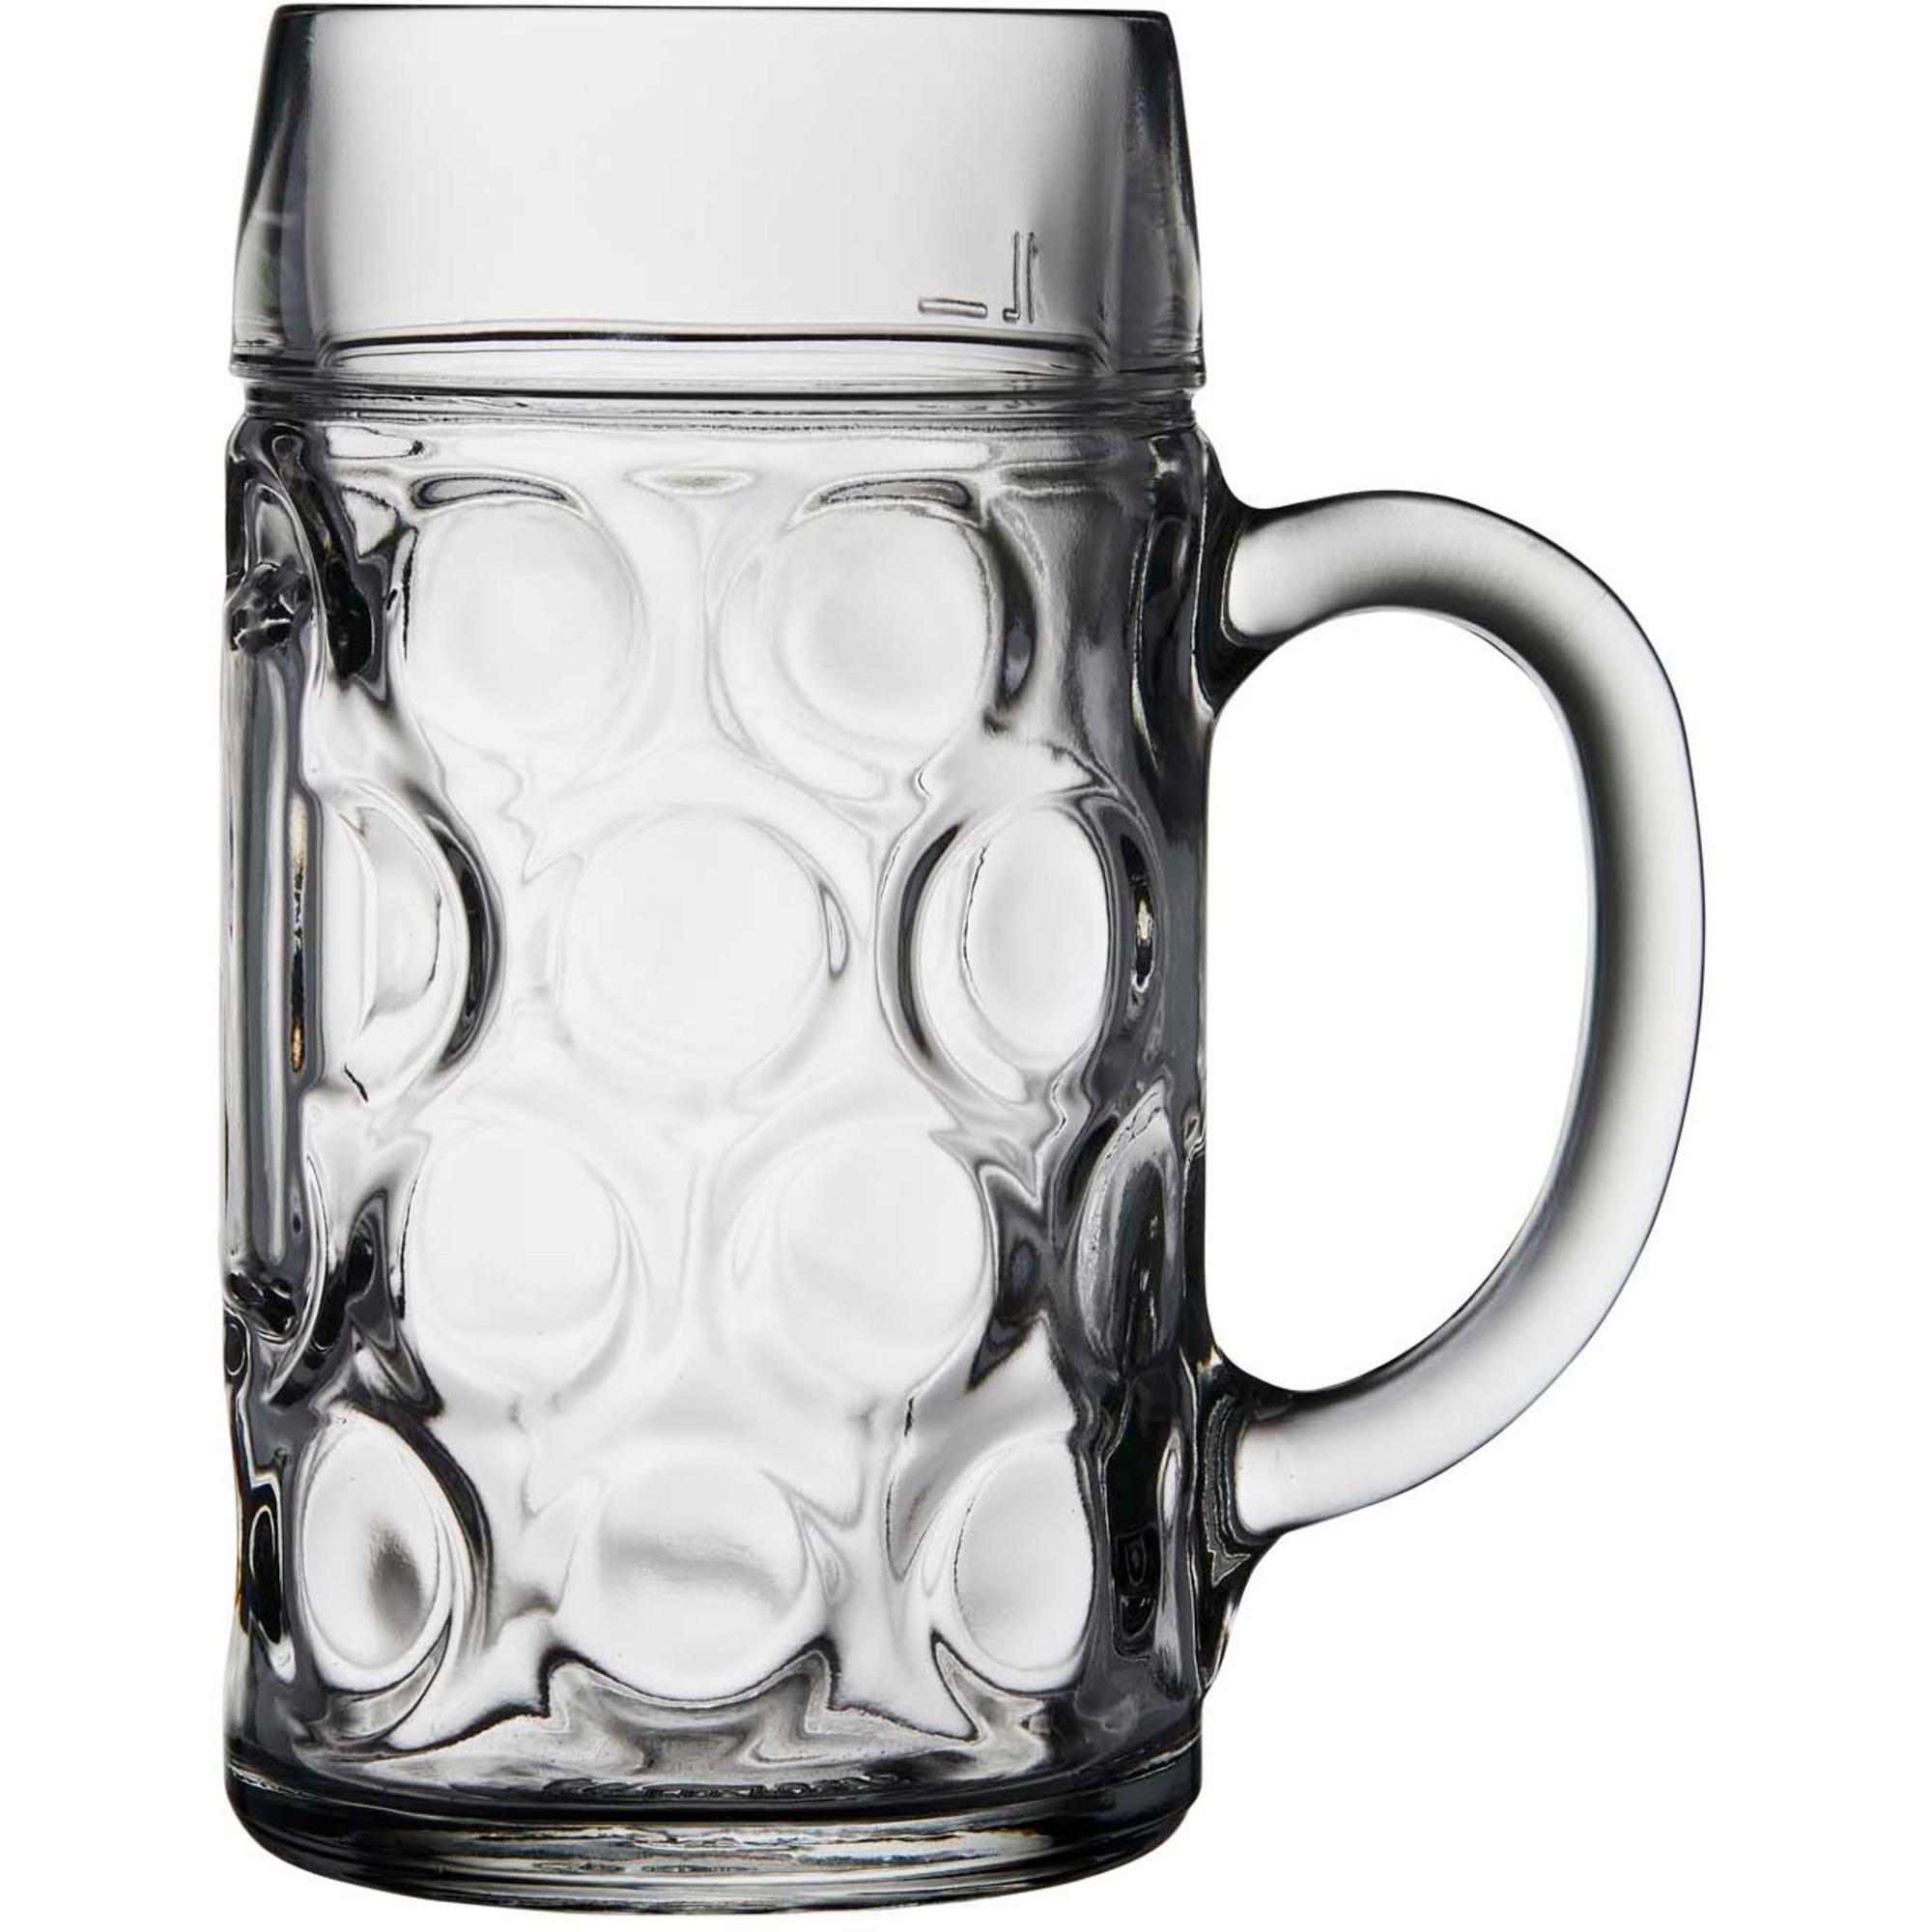 Lyngby Glas Ölsejdel 2 st 1 L